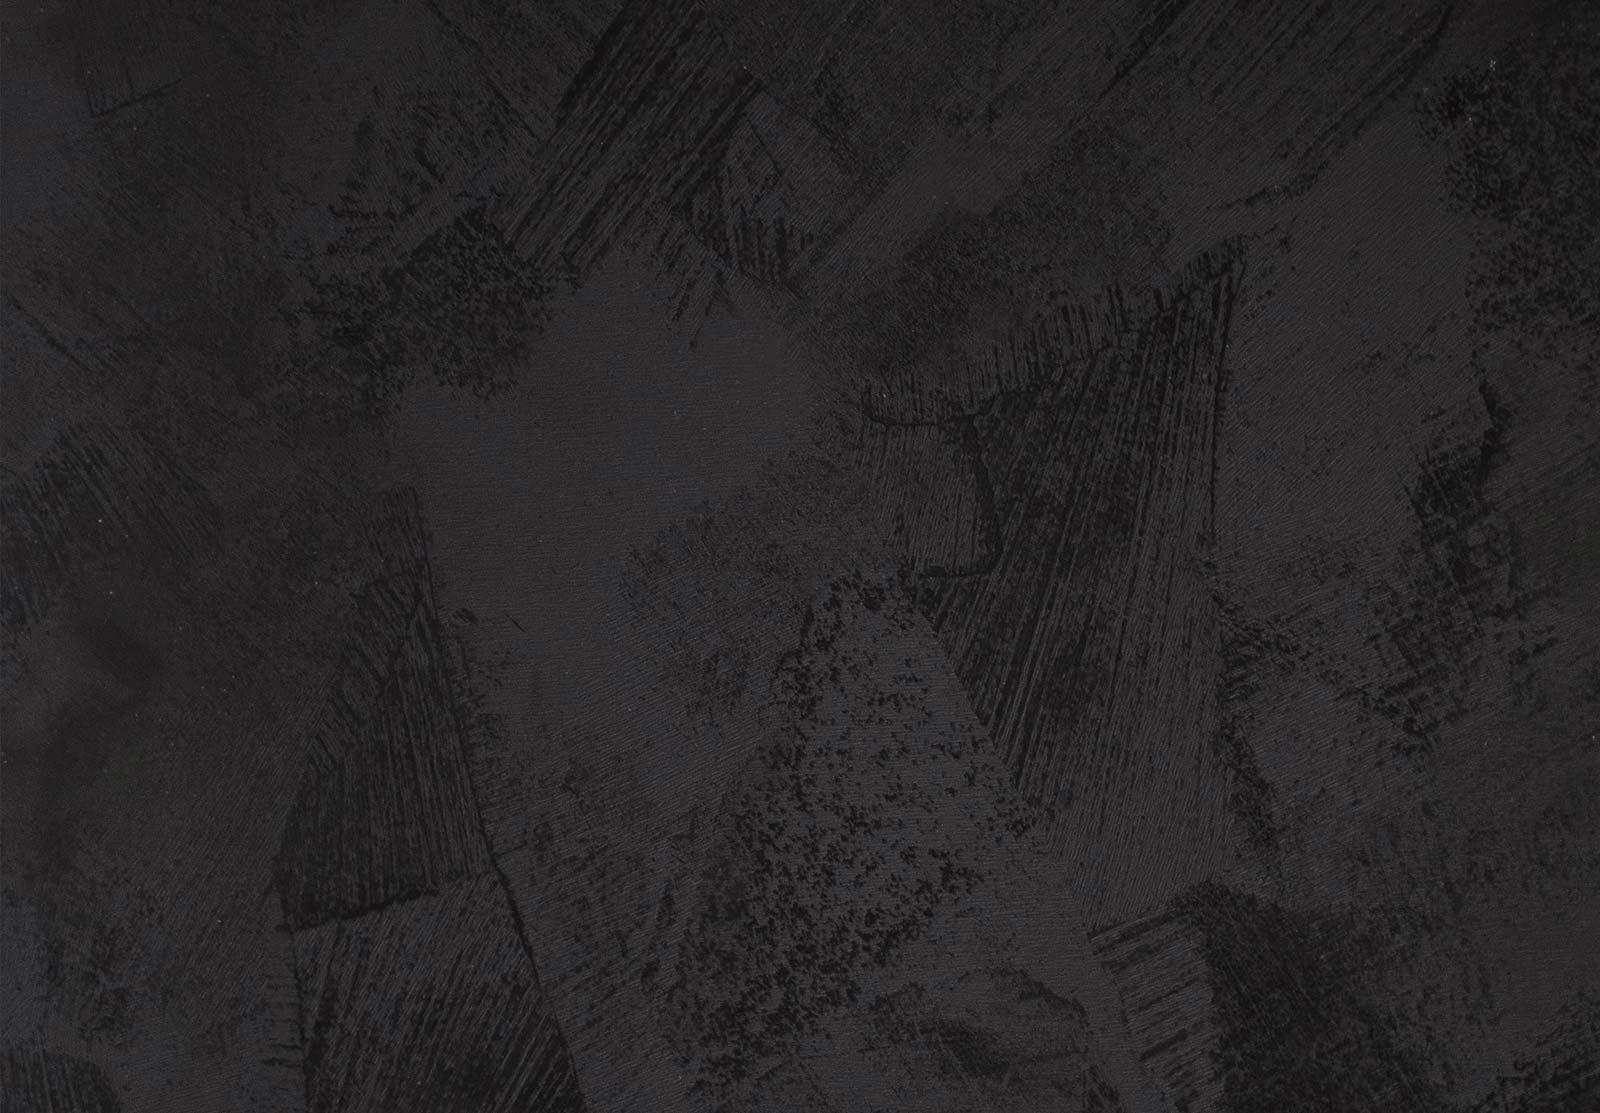 Pannelli alfawood - Terra Nera 0070